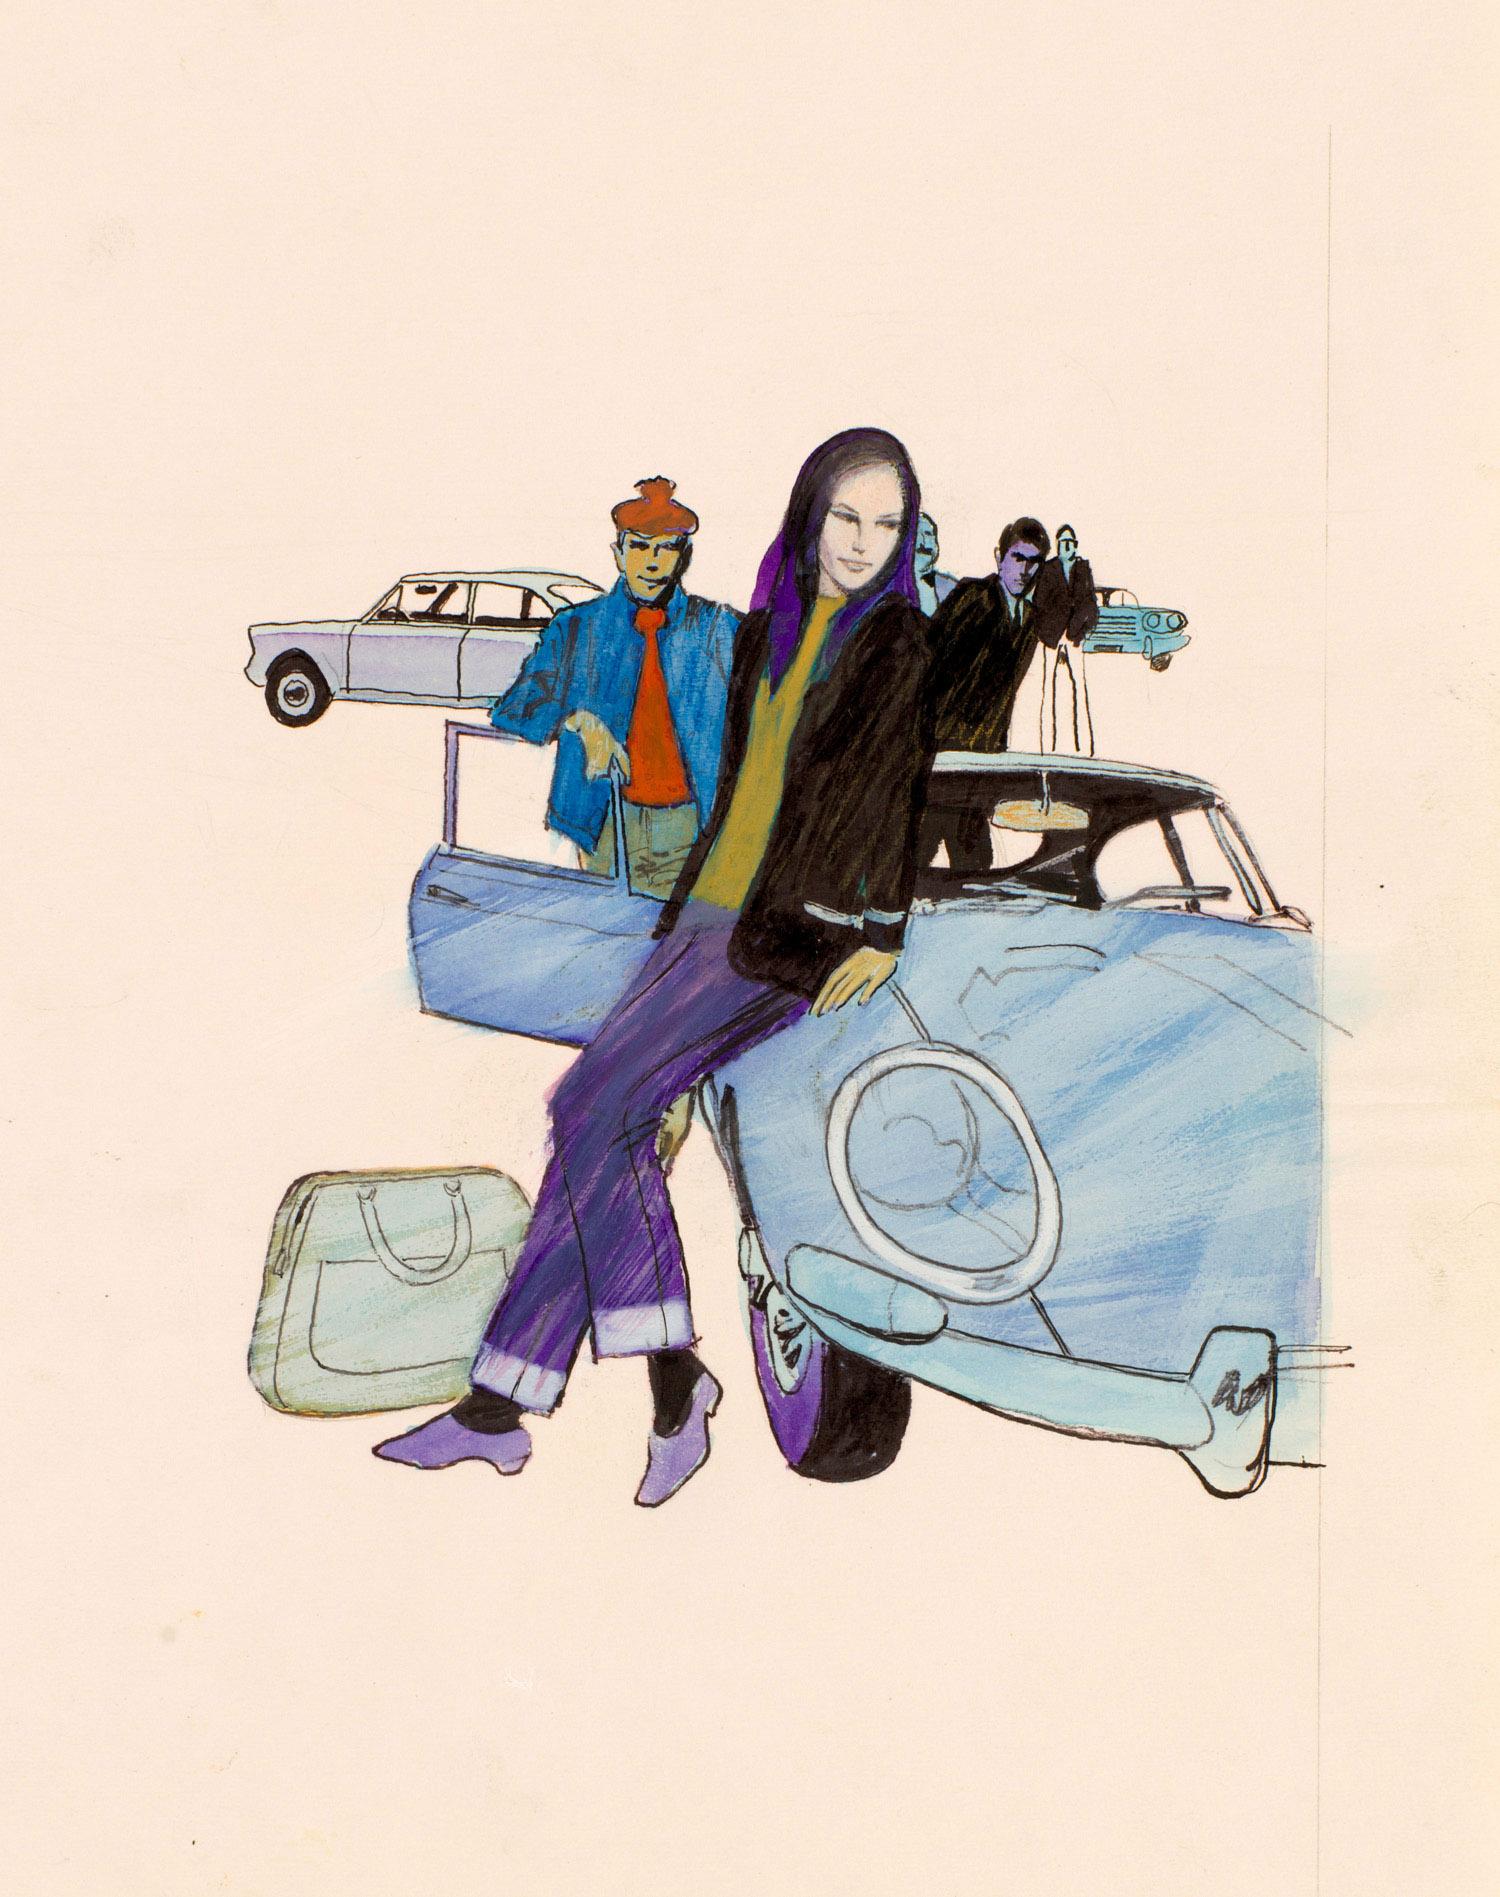 Sur une voiture bleue | Sur une voiture bleue | Robert Gigi